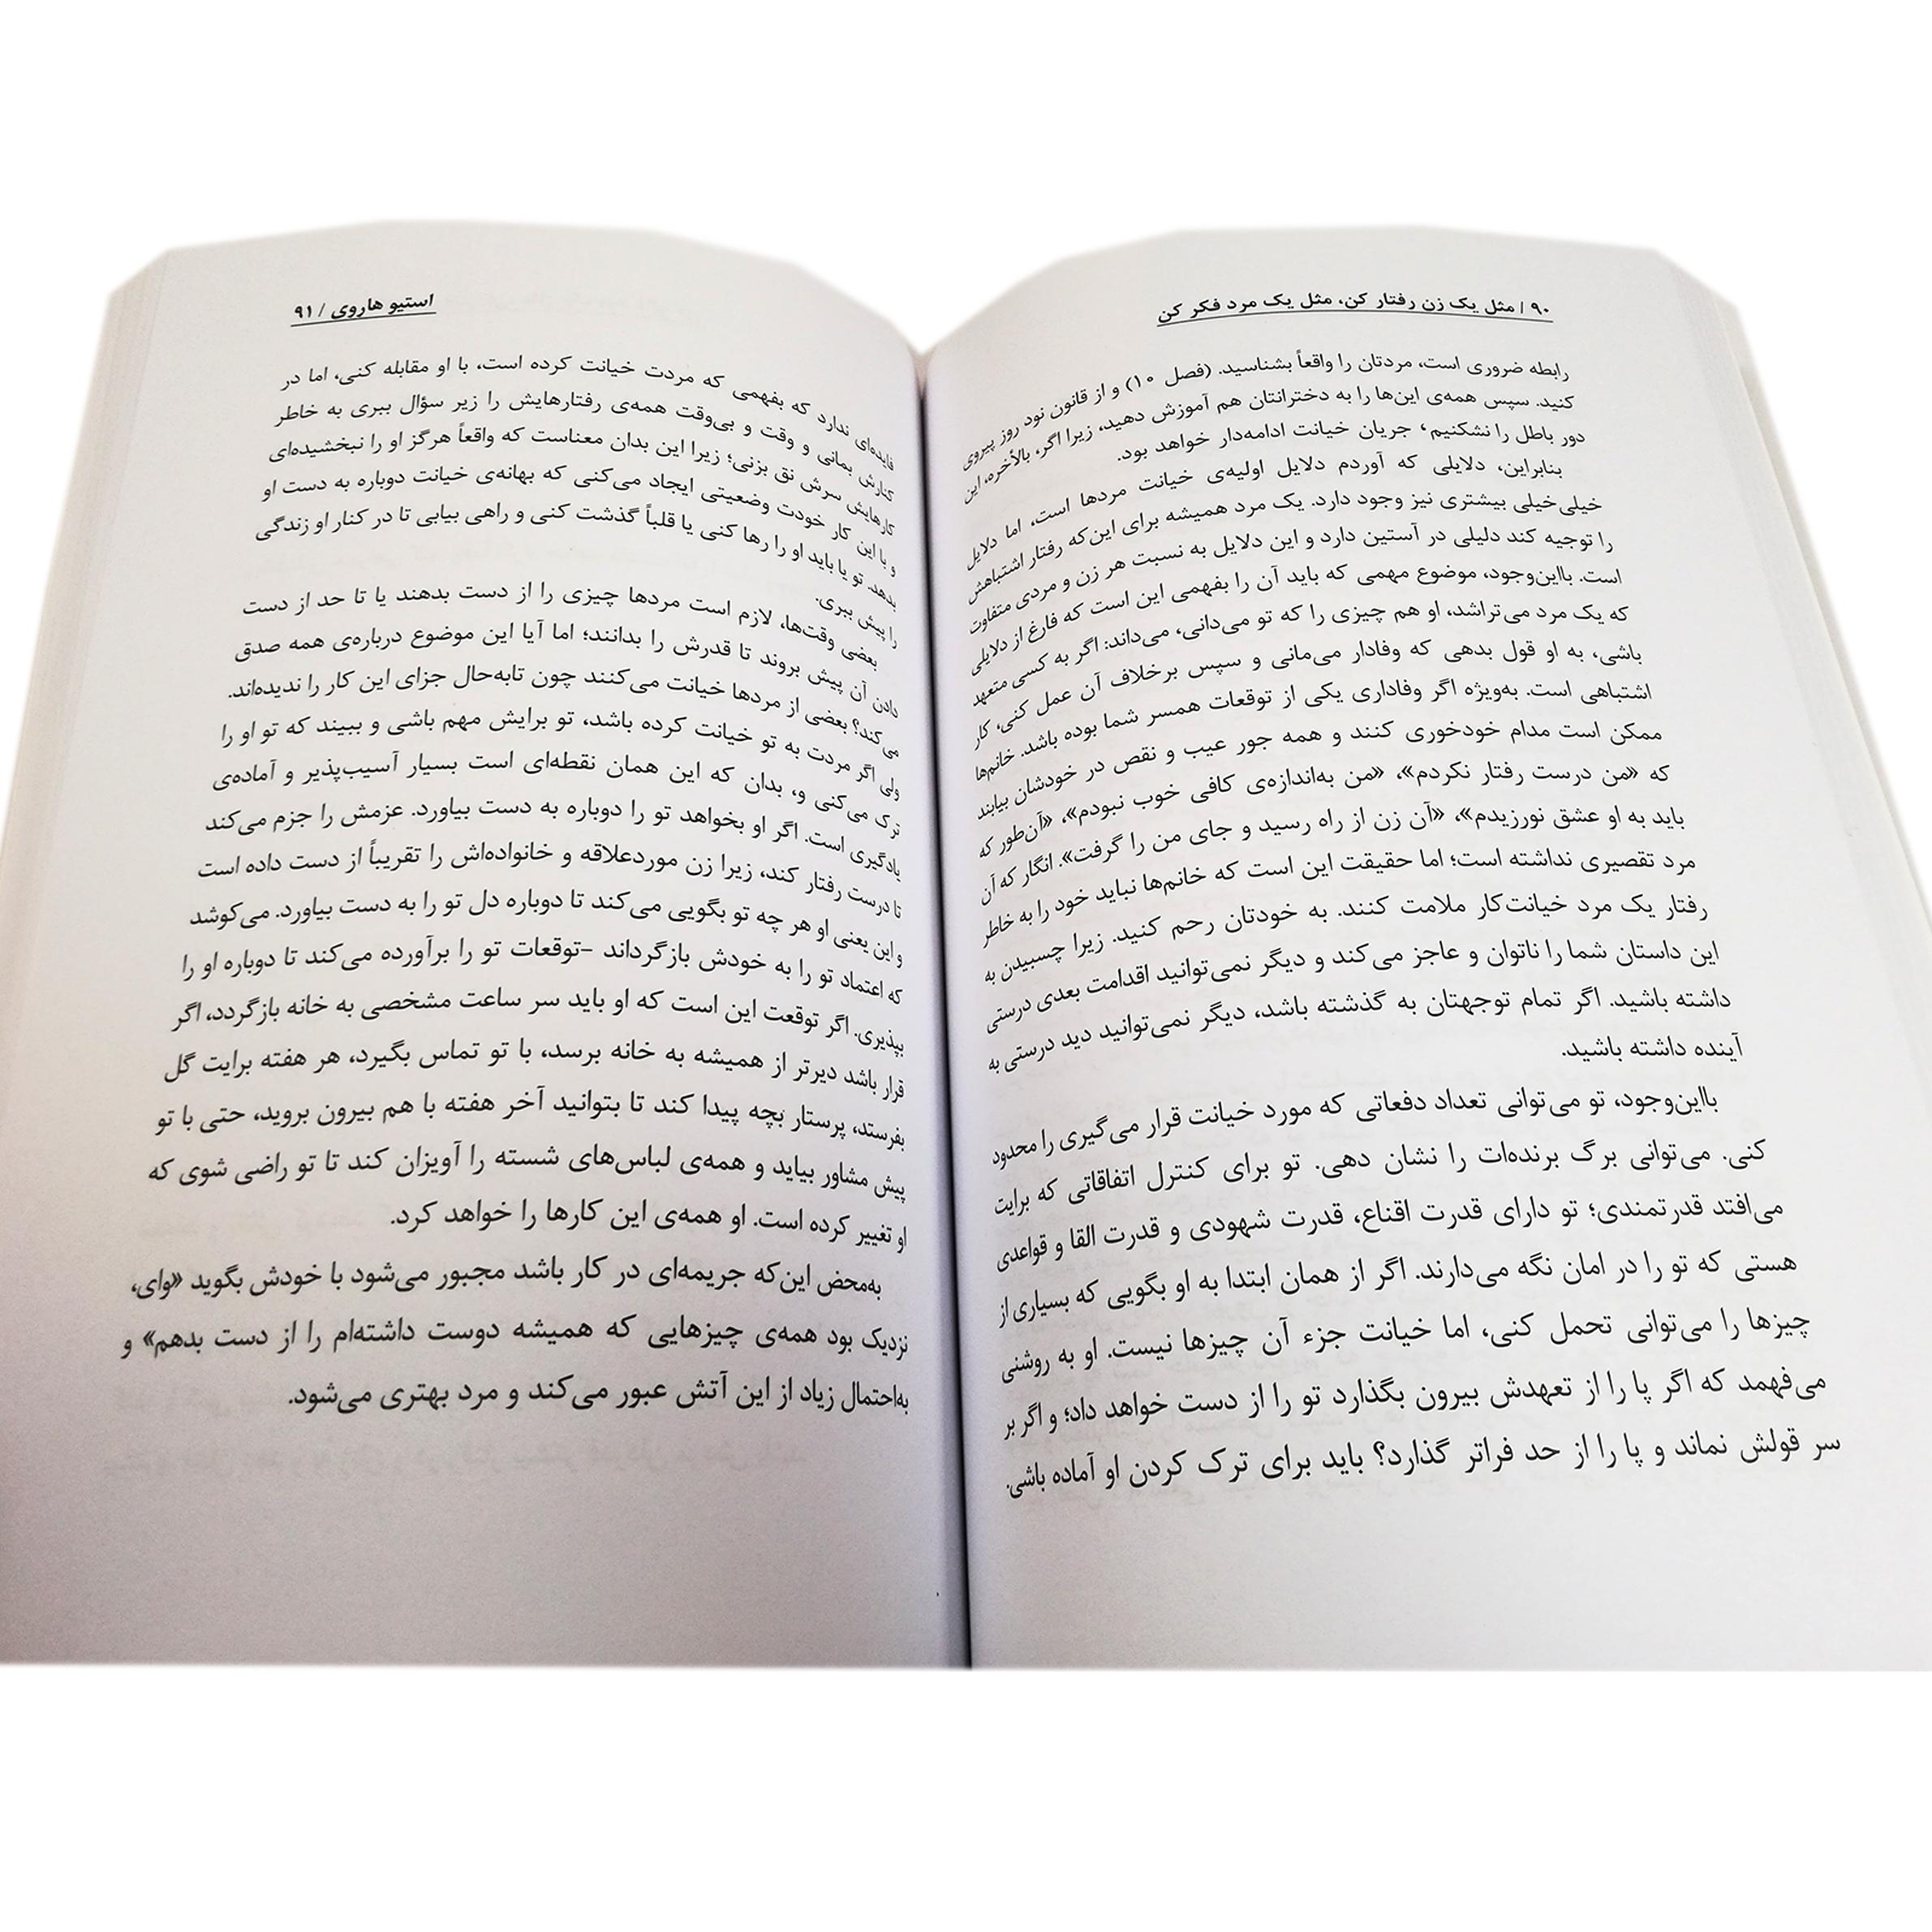 کتاب مثل یک زن رفتار کن مثل یک مرد فکر کن اثر استیو هاروی نشر شیر محمدی thumb 2